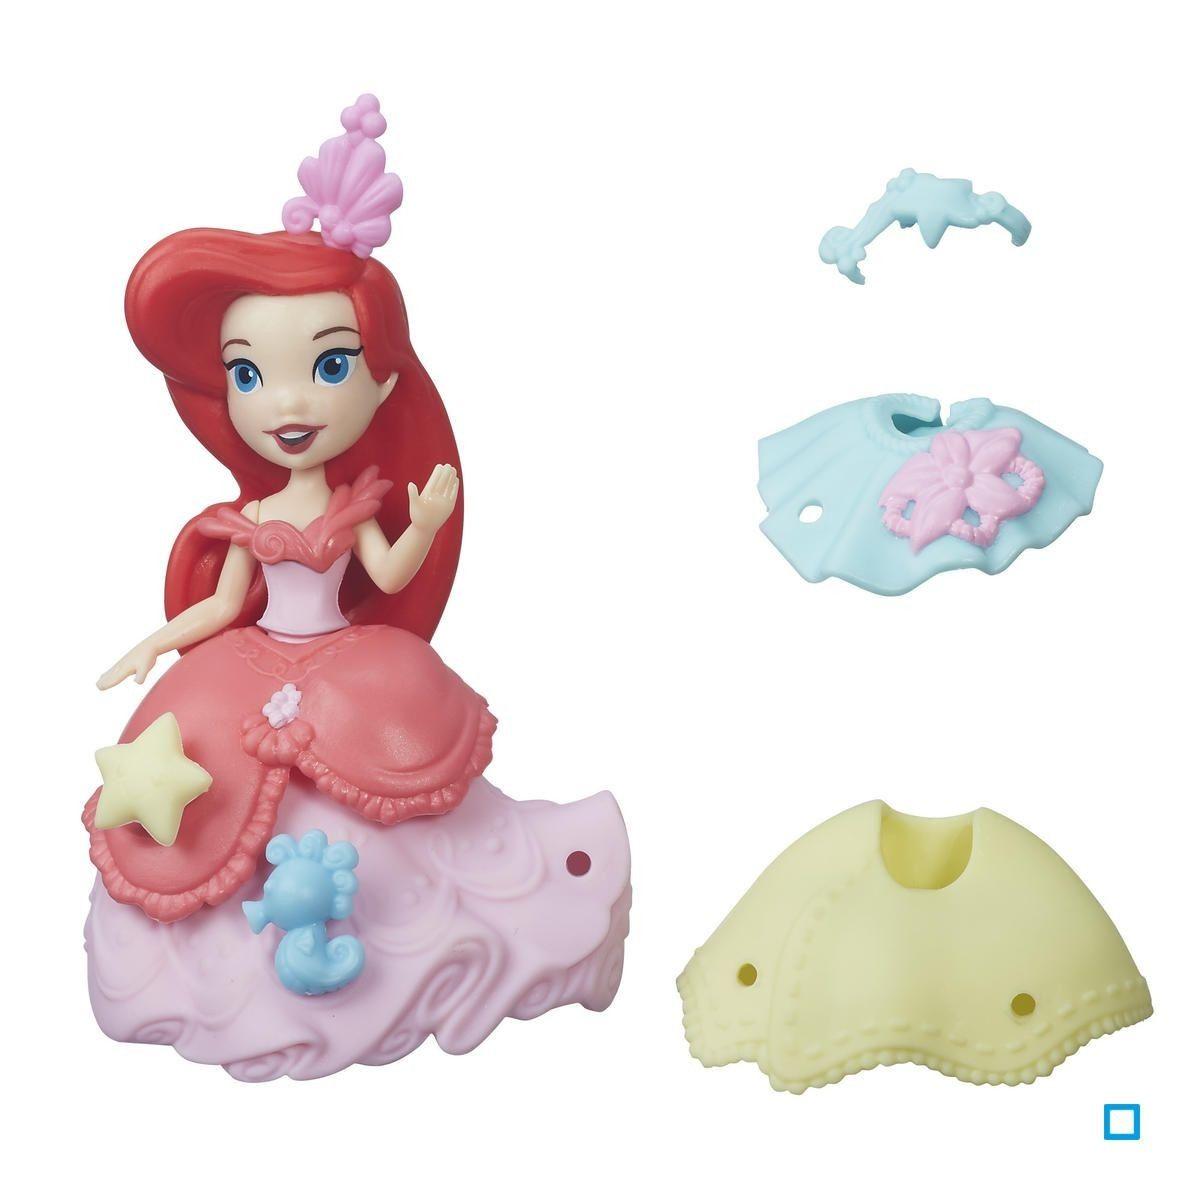 Disney Little Kingdom Frozen Roule /à Toute Vitesse Elsa Hasbro Mini Poup/ée La Reine des Neiges